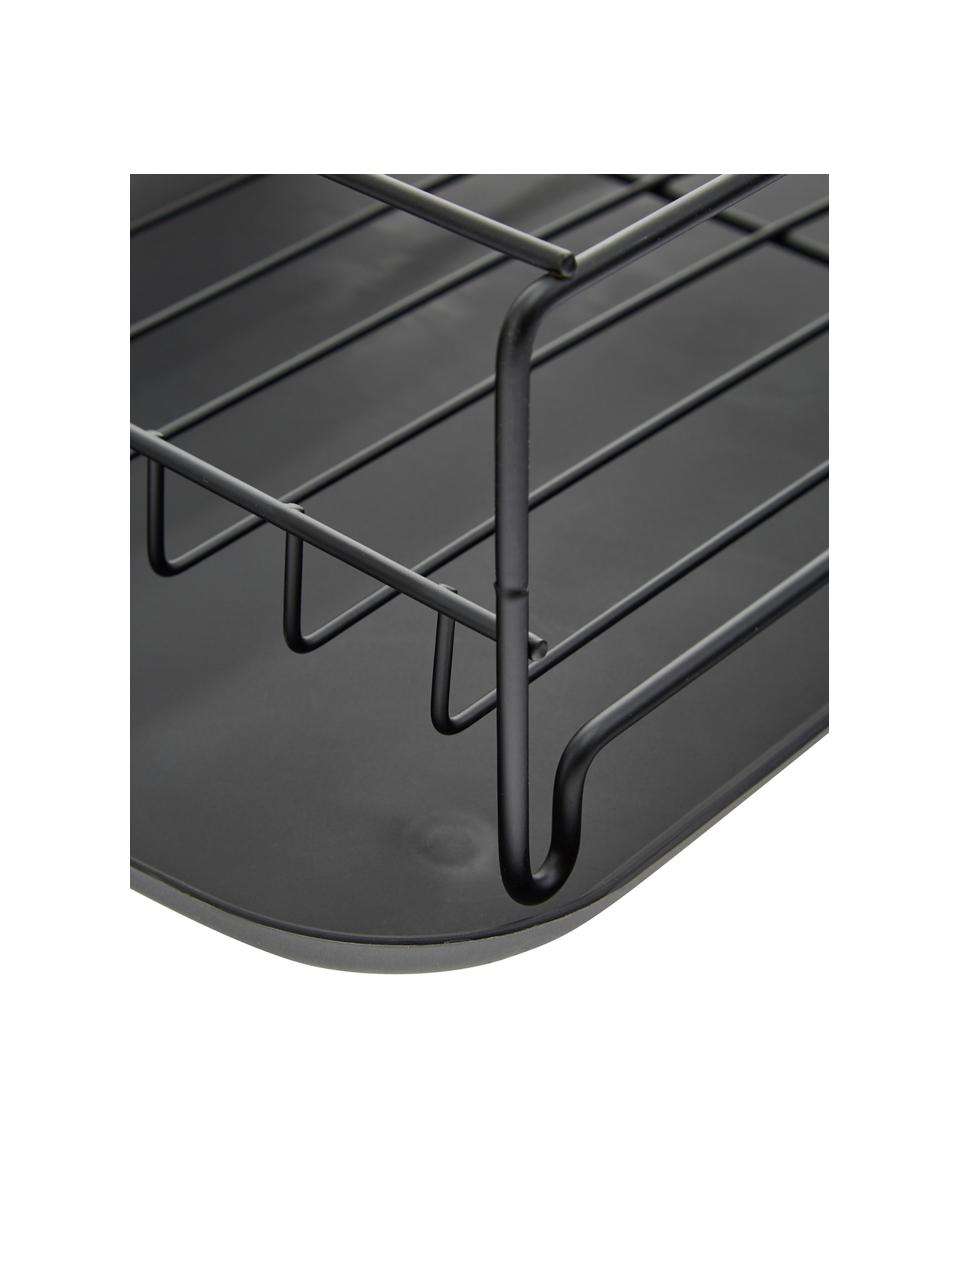 Suszarka do naczyń Discha, Stelaż: metal powlekany, Czarny, S 42 x W 12 cm